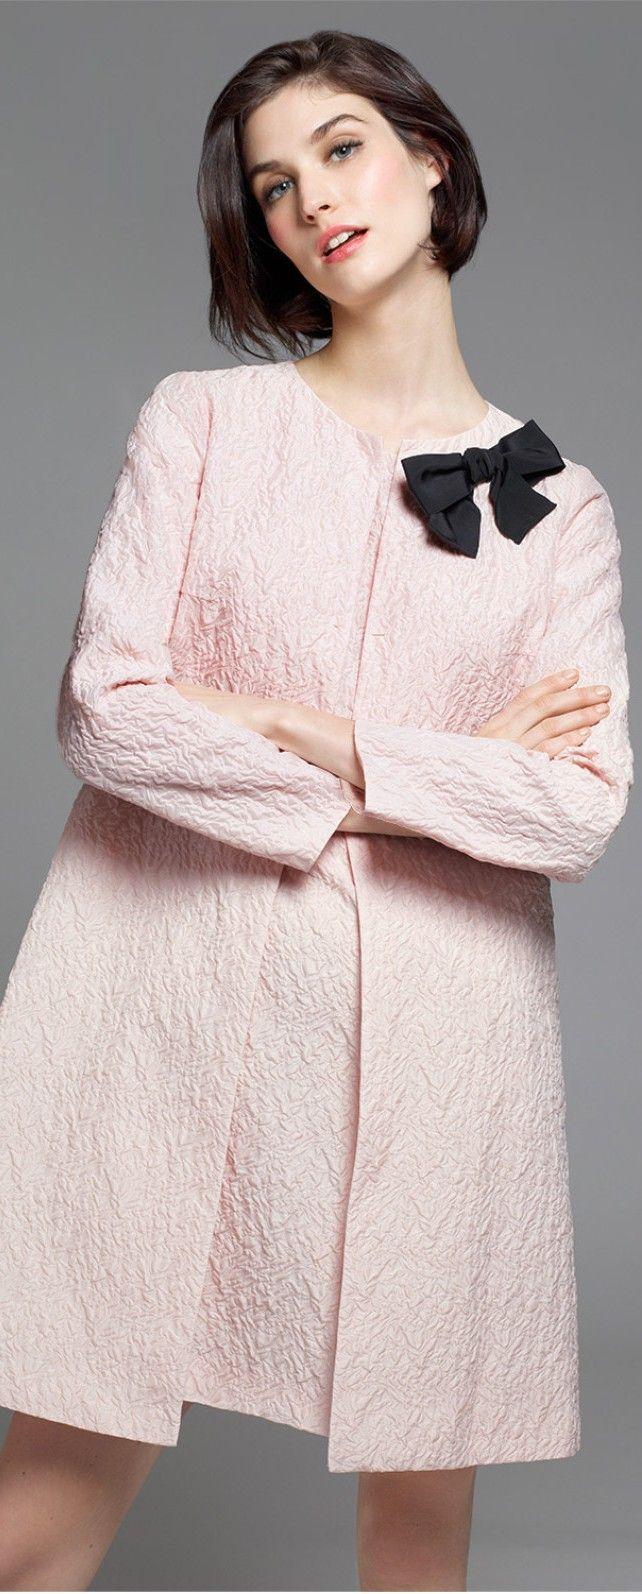 1000 ideas about manteau femme enceinte on pinterest haut allaitement patron t shirt and. Black Bedroom Furniture Sets. Home Design Ideas